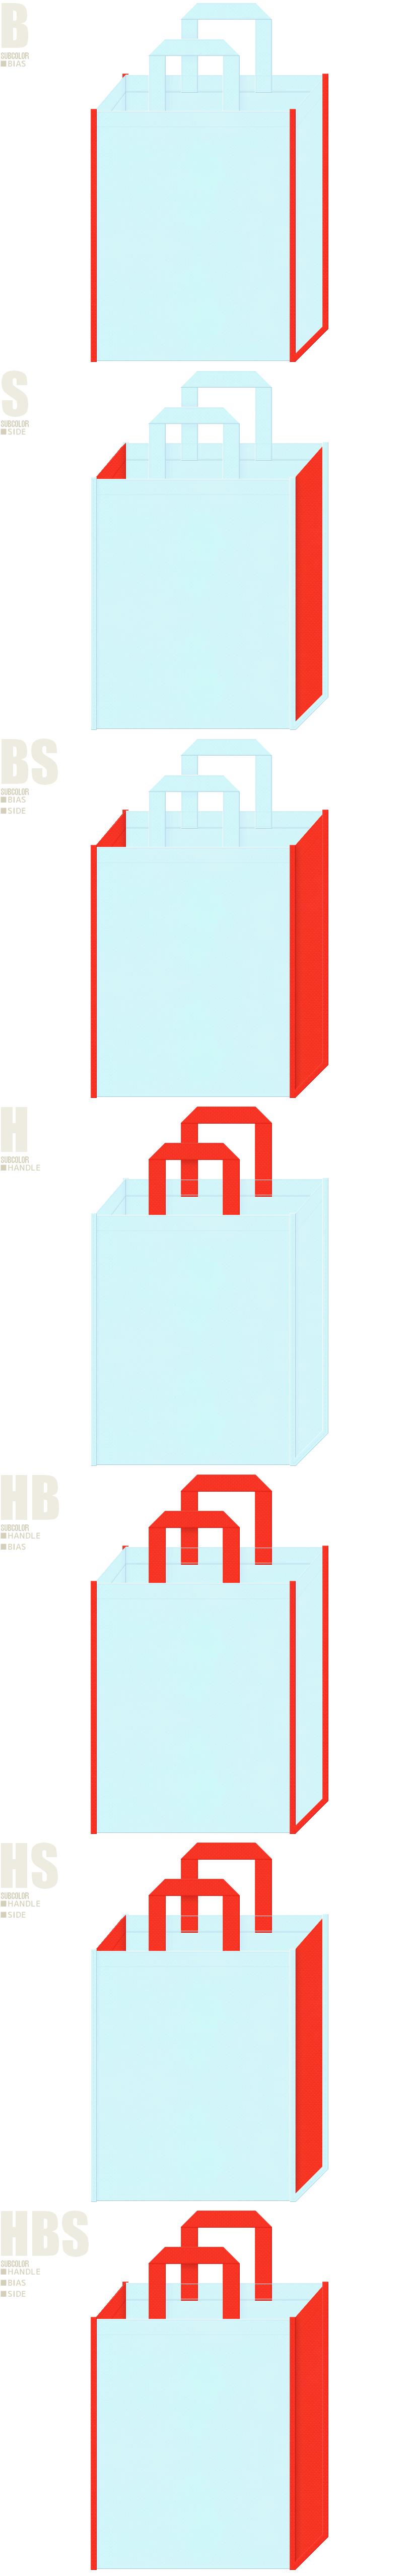 水色とオレンジ色-7パターンの不織布トートバッグ配色デザイン例:サプリメントにお奨めの配色です。